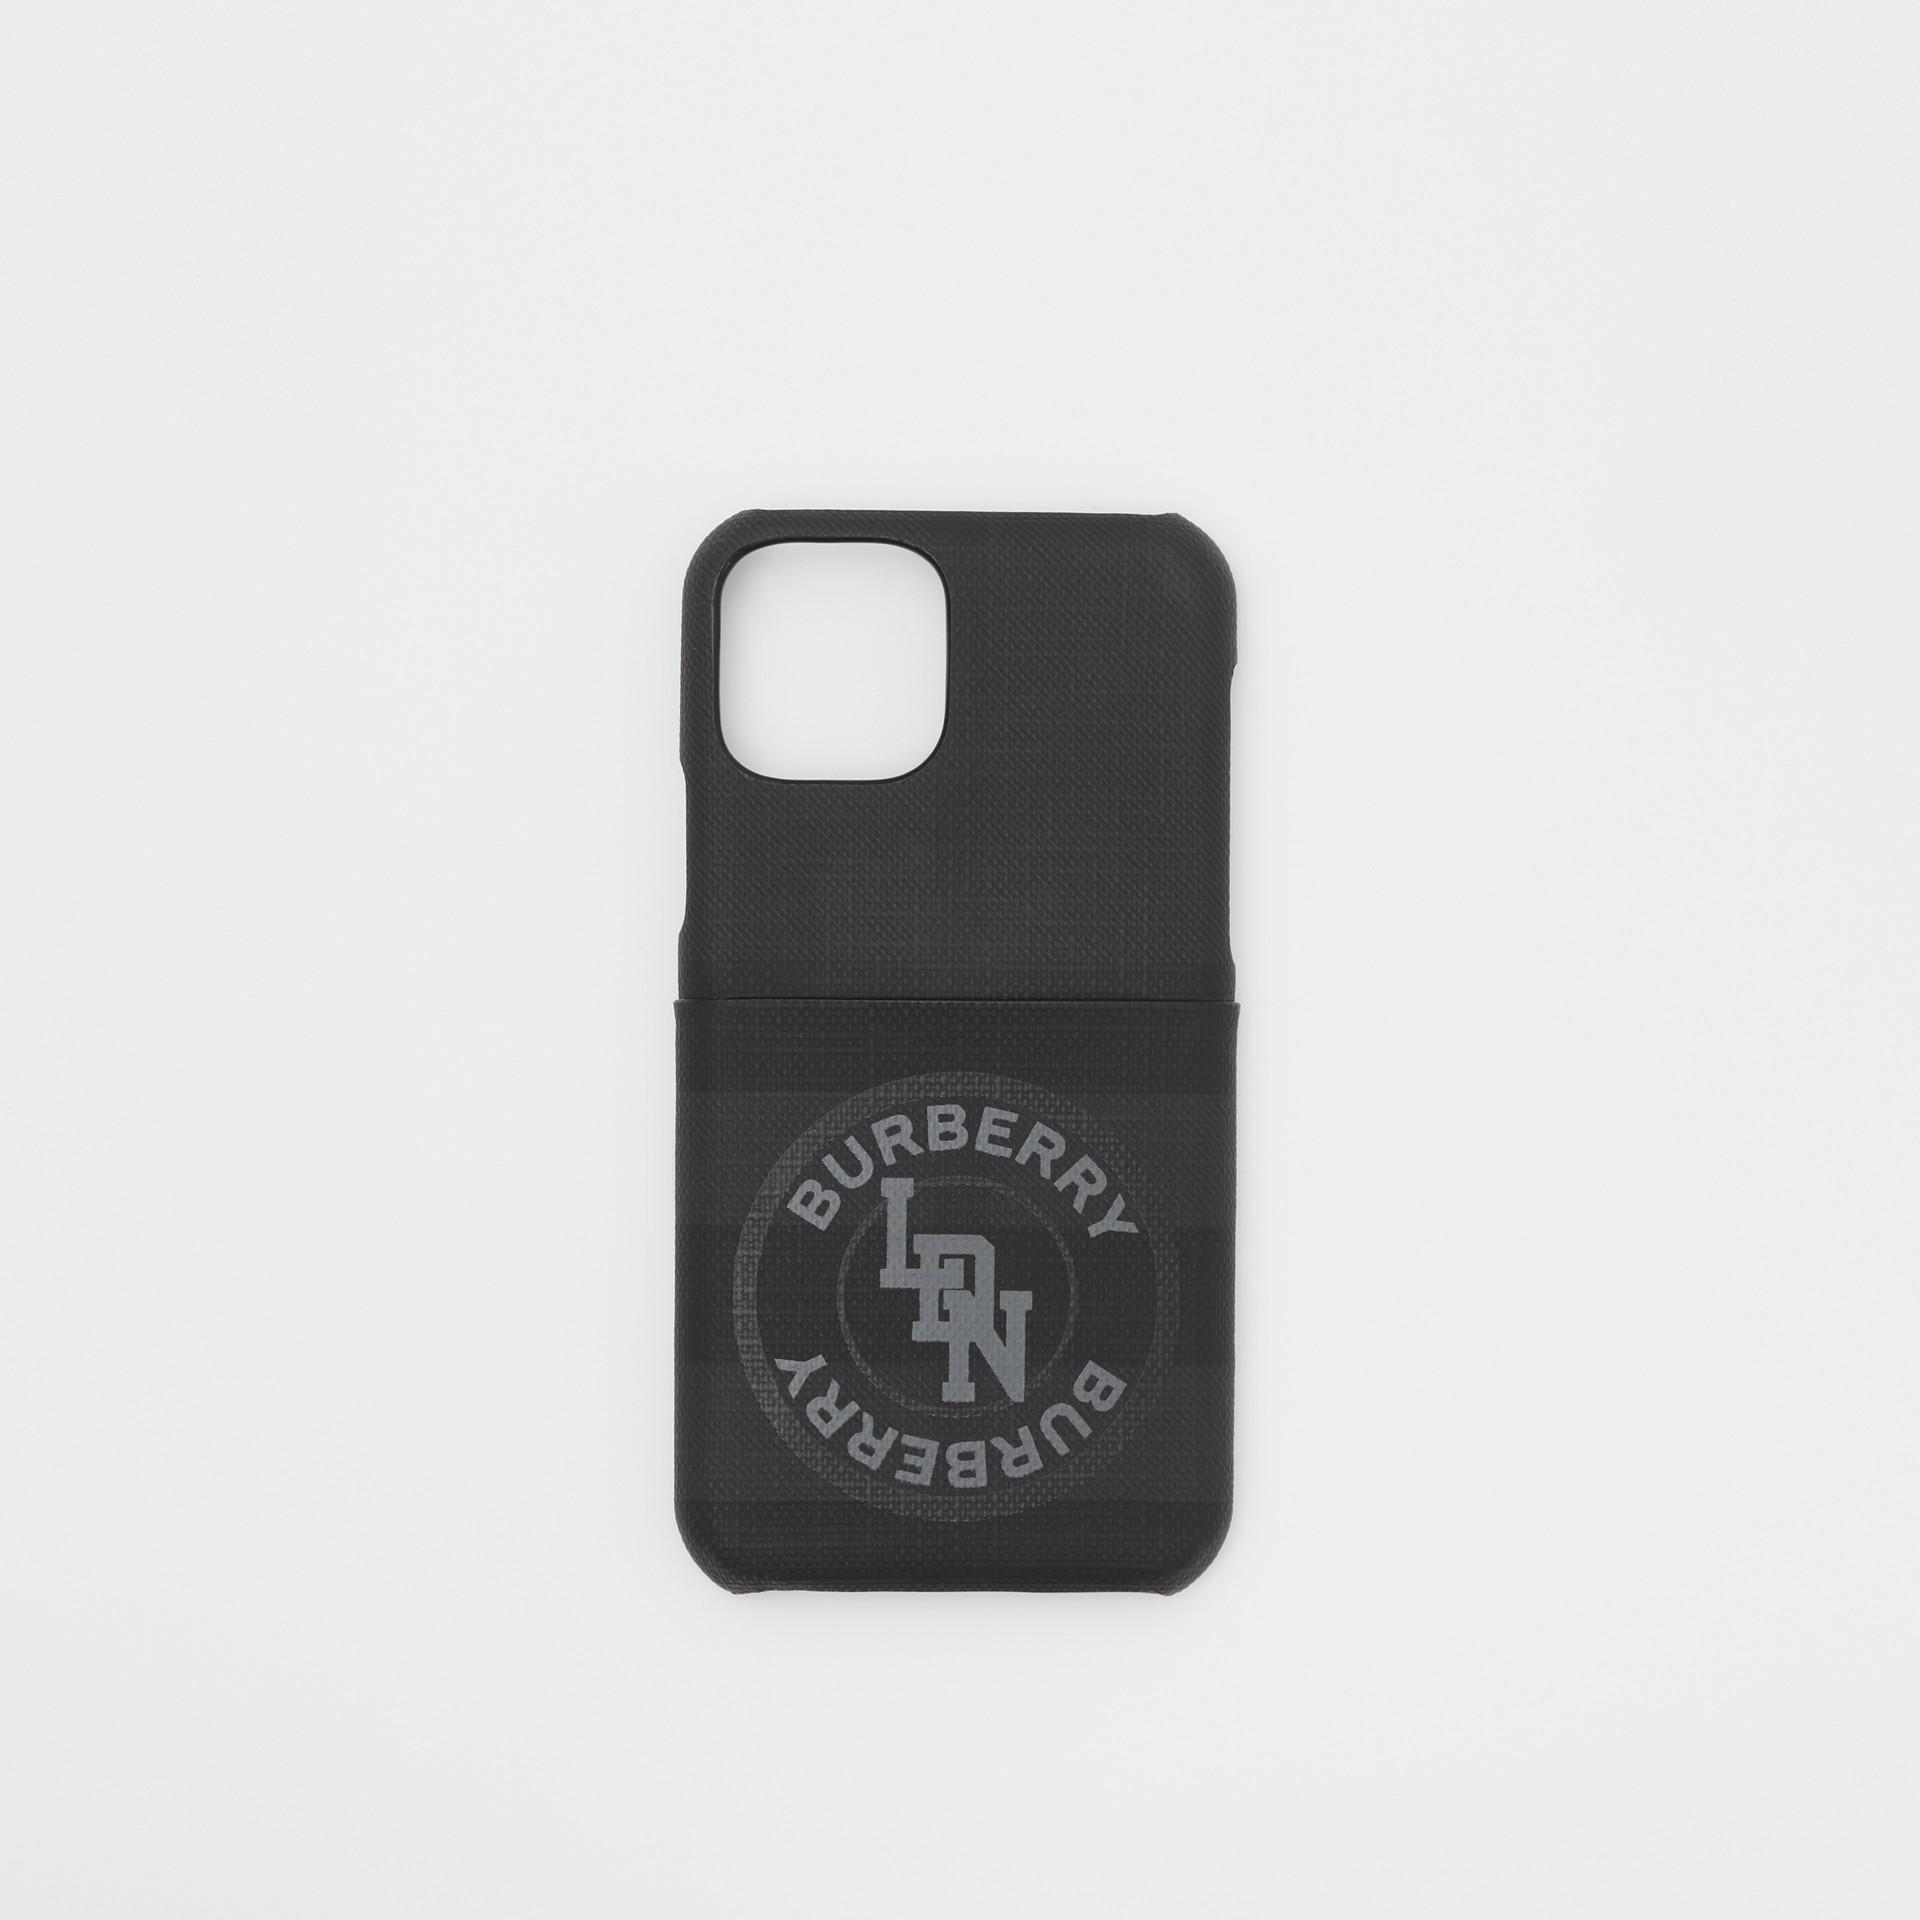 로고 그래픽 런던 체크 아이폰 11 프로 케이스 (다크 차콜) - 남성 | Burberry - 갤러리 이미지 0